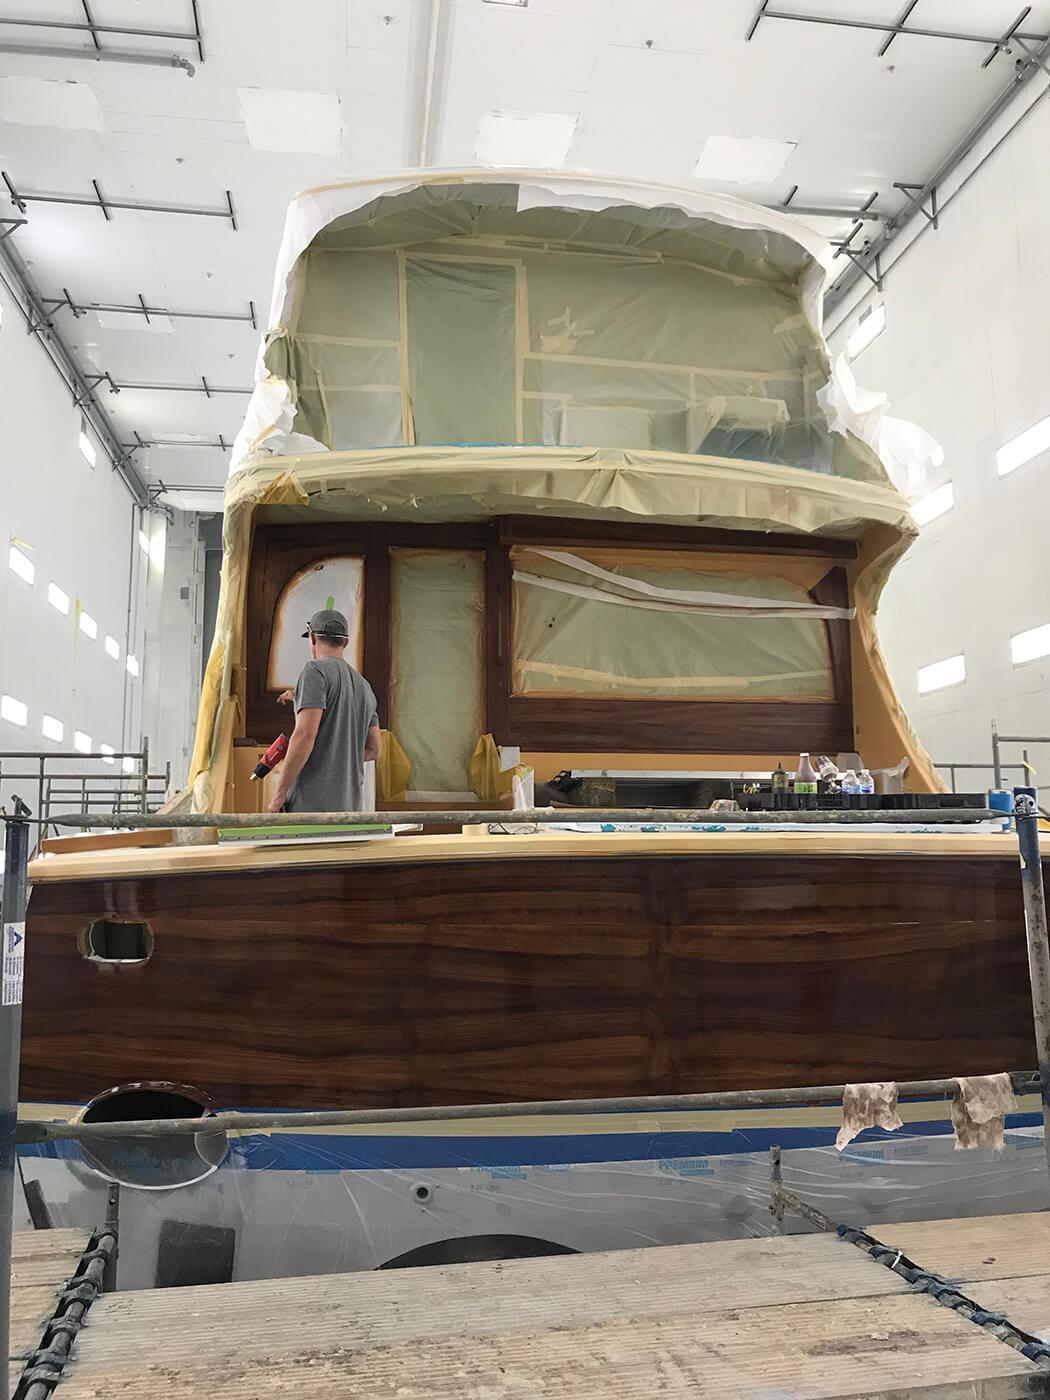 Hatteras Yachts GT70 Faux Teak transom bulkhead wood